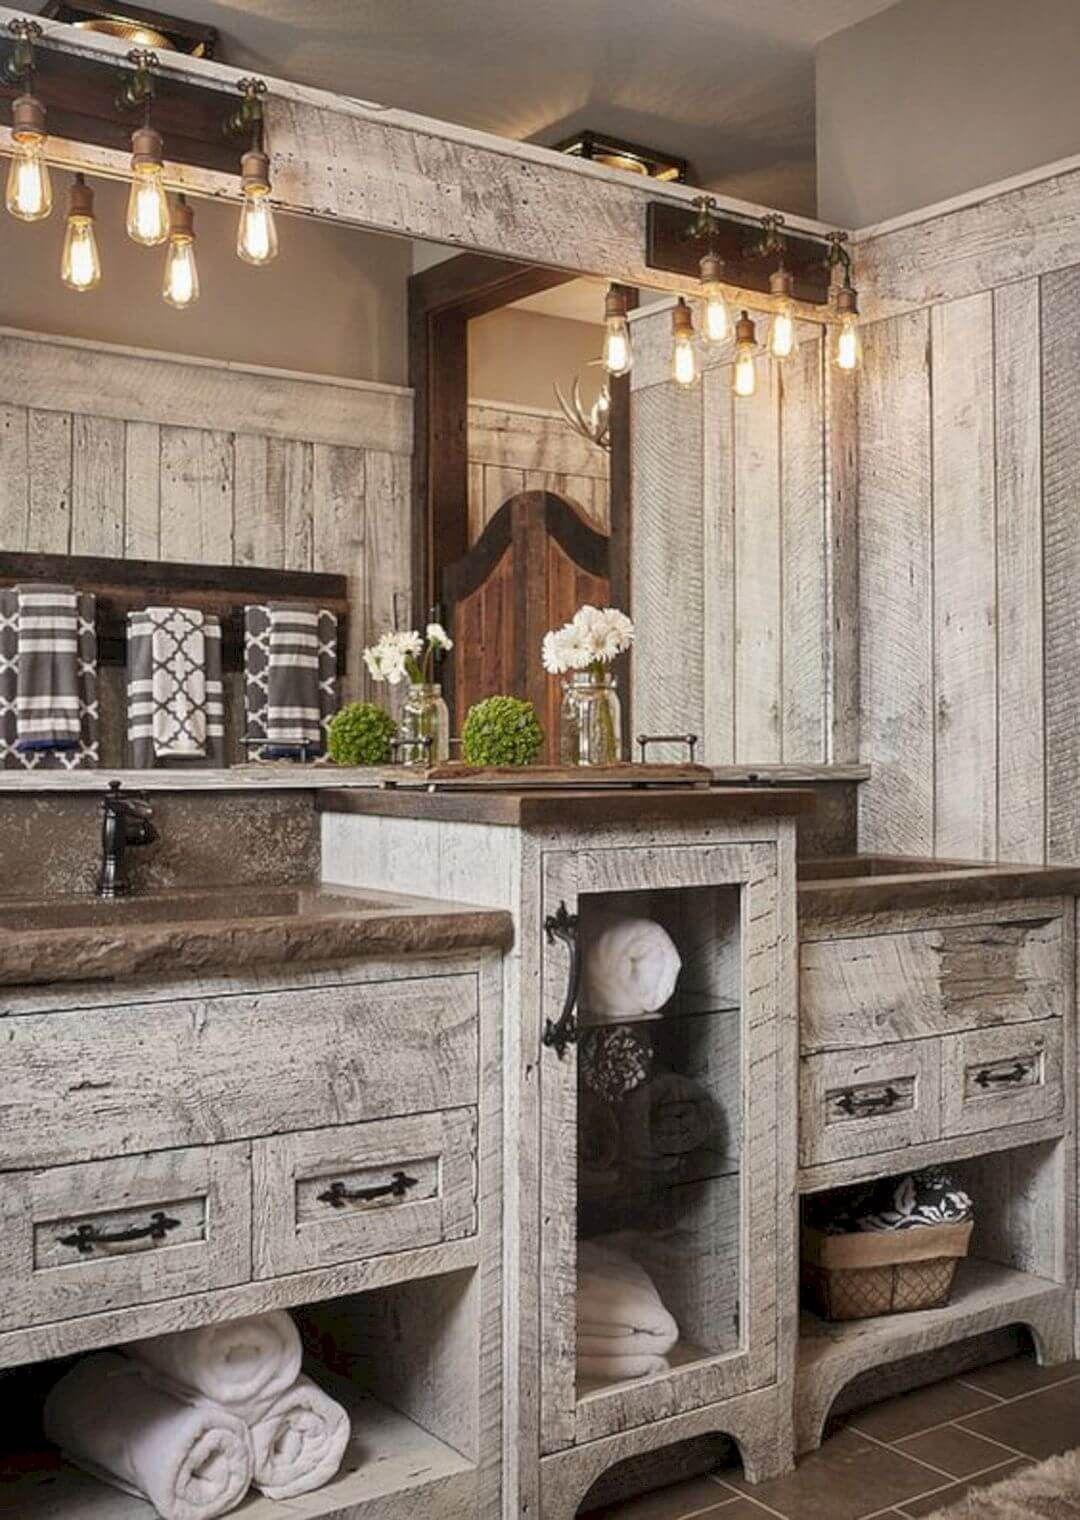 Badezimmer ideen bauernhaus  rustikale badezimmereitelkeitsideen zum ihrer nächsten